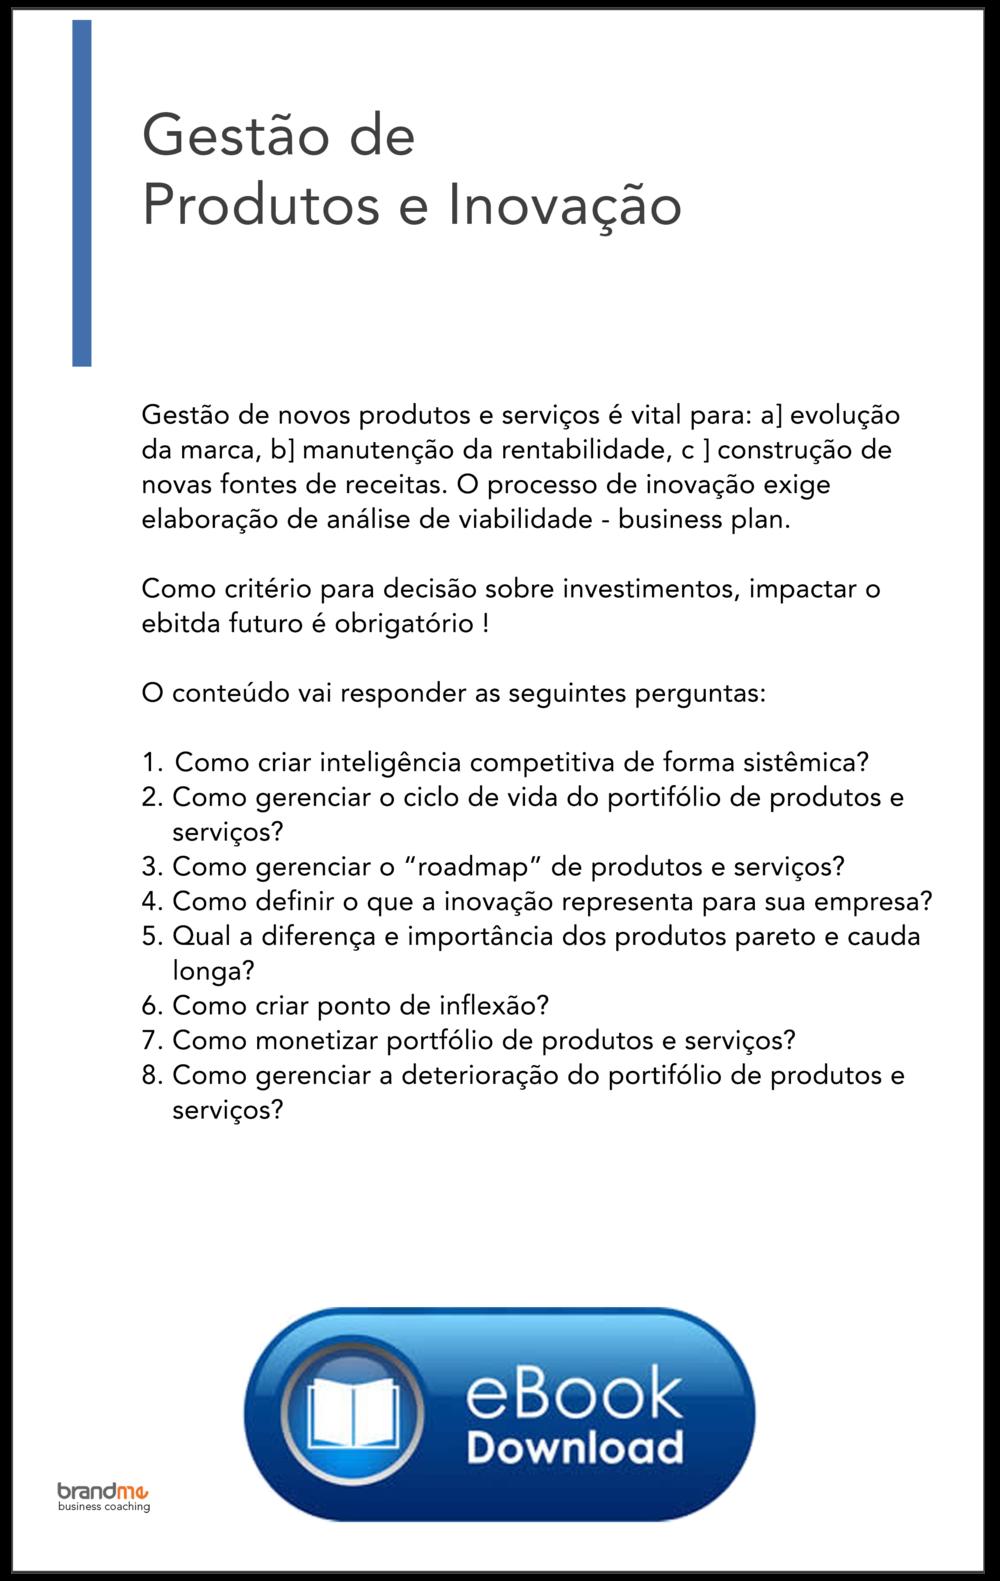 Download ebook Gestão de Produção e Inovação